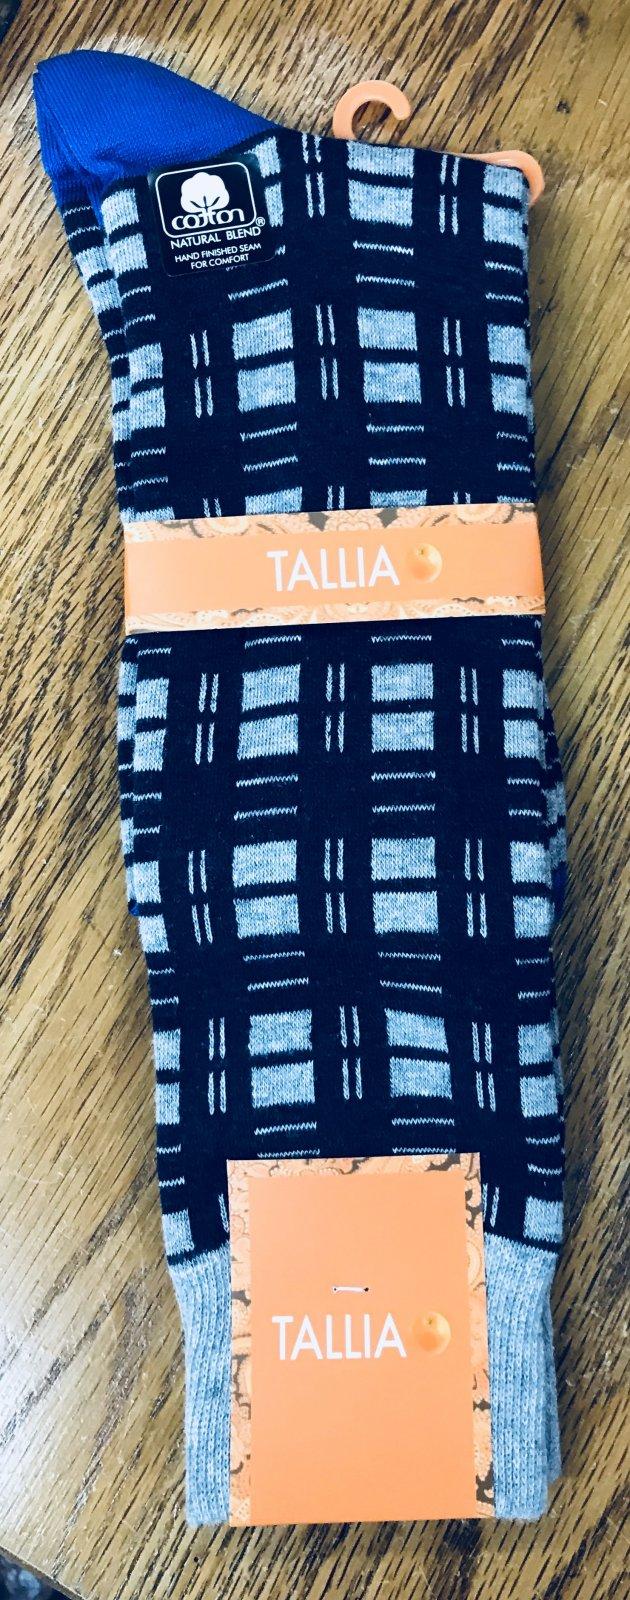 Tallia TS7103 Socks